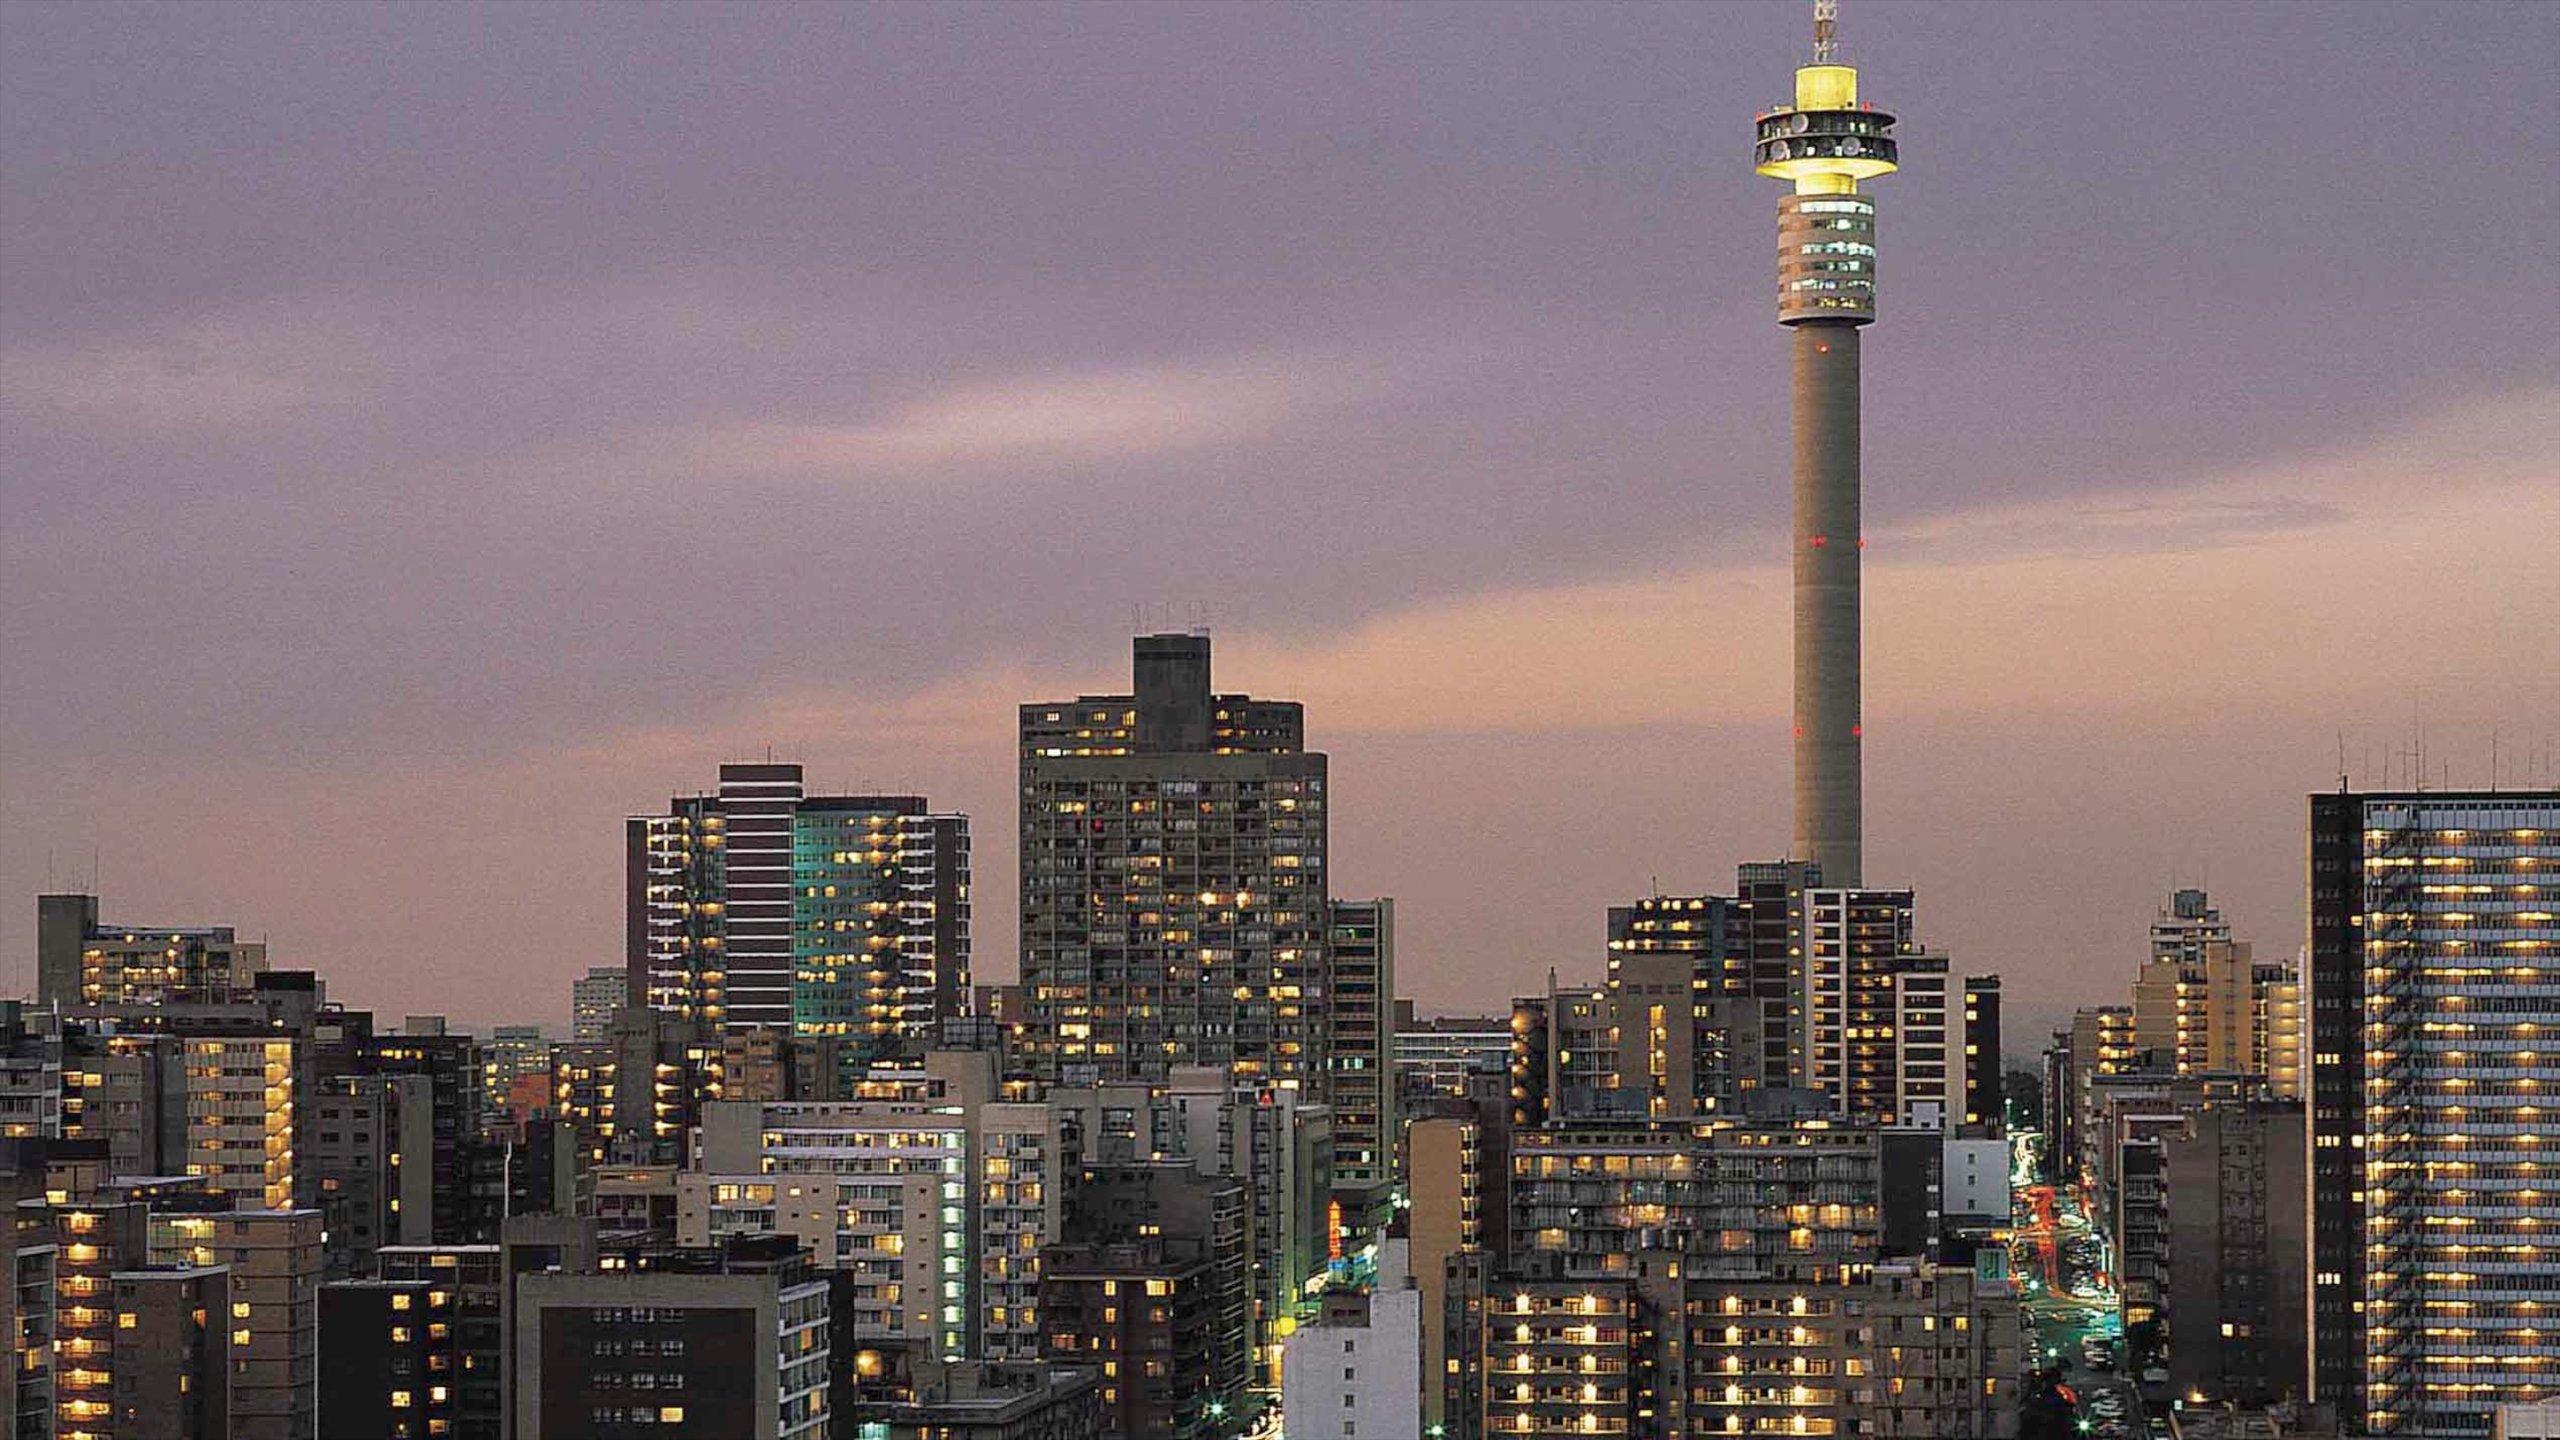 Johannesburgo que incluye una ciudad, horizonte y arquitectura moderna